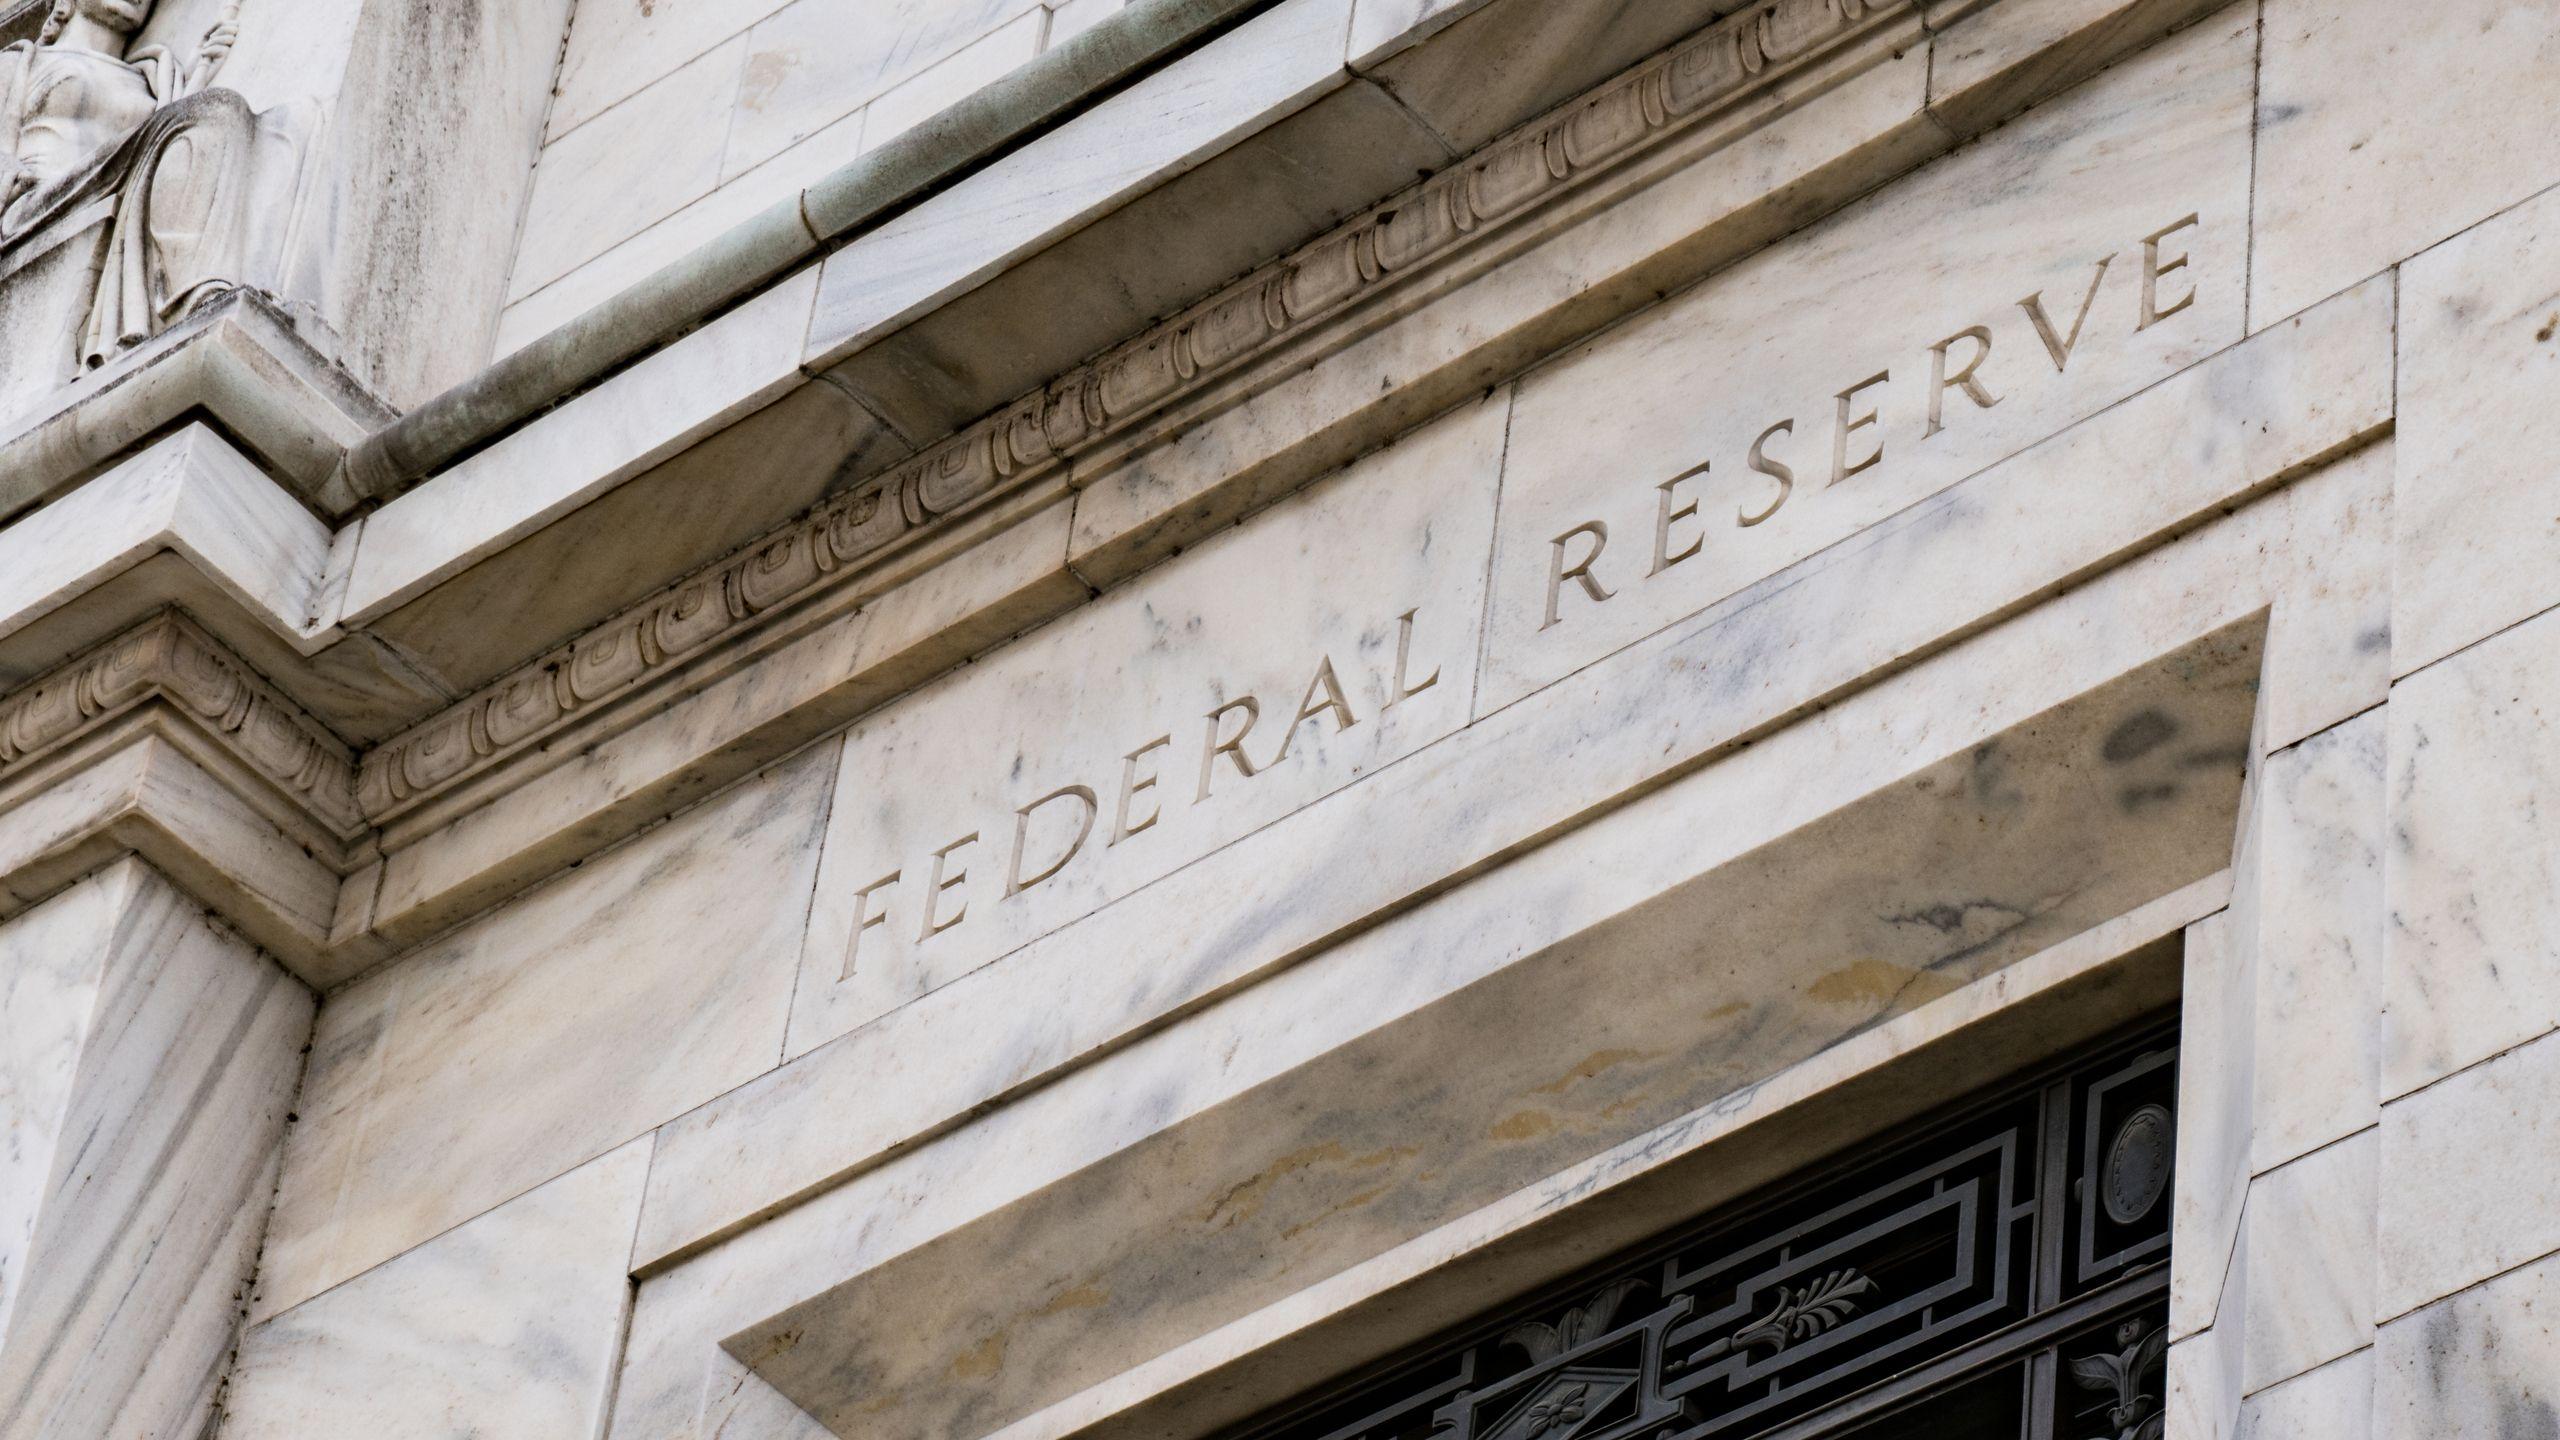 Federal-Reserve-compressor.jpg